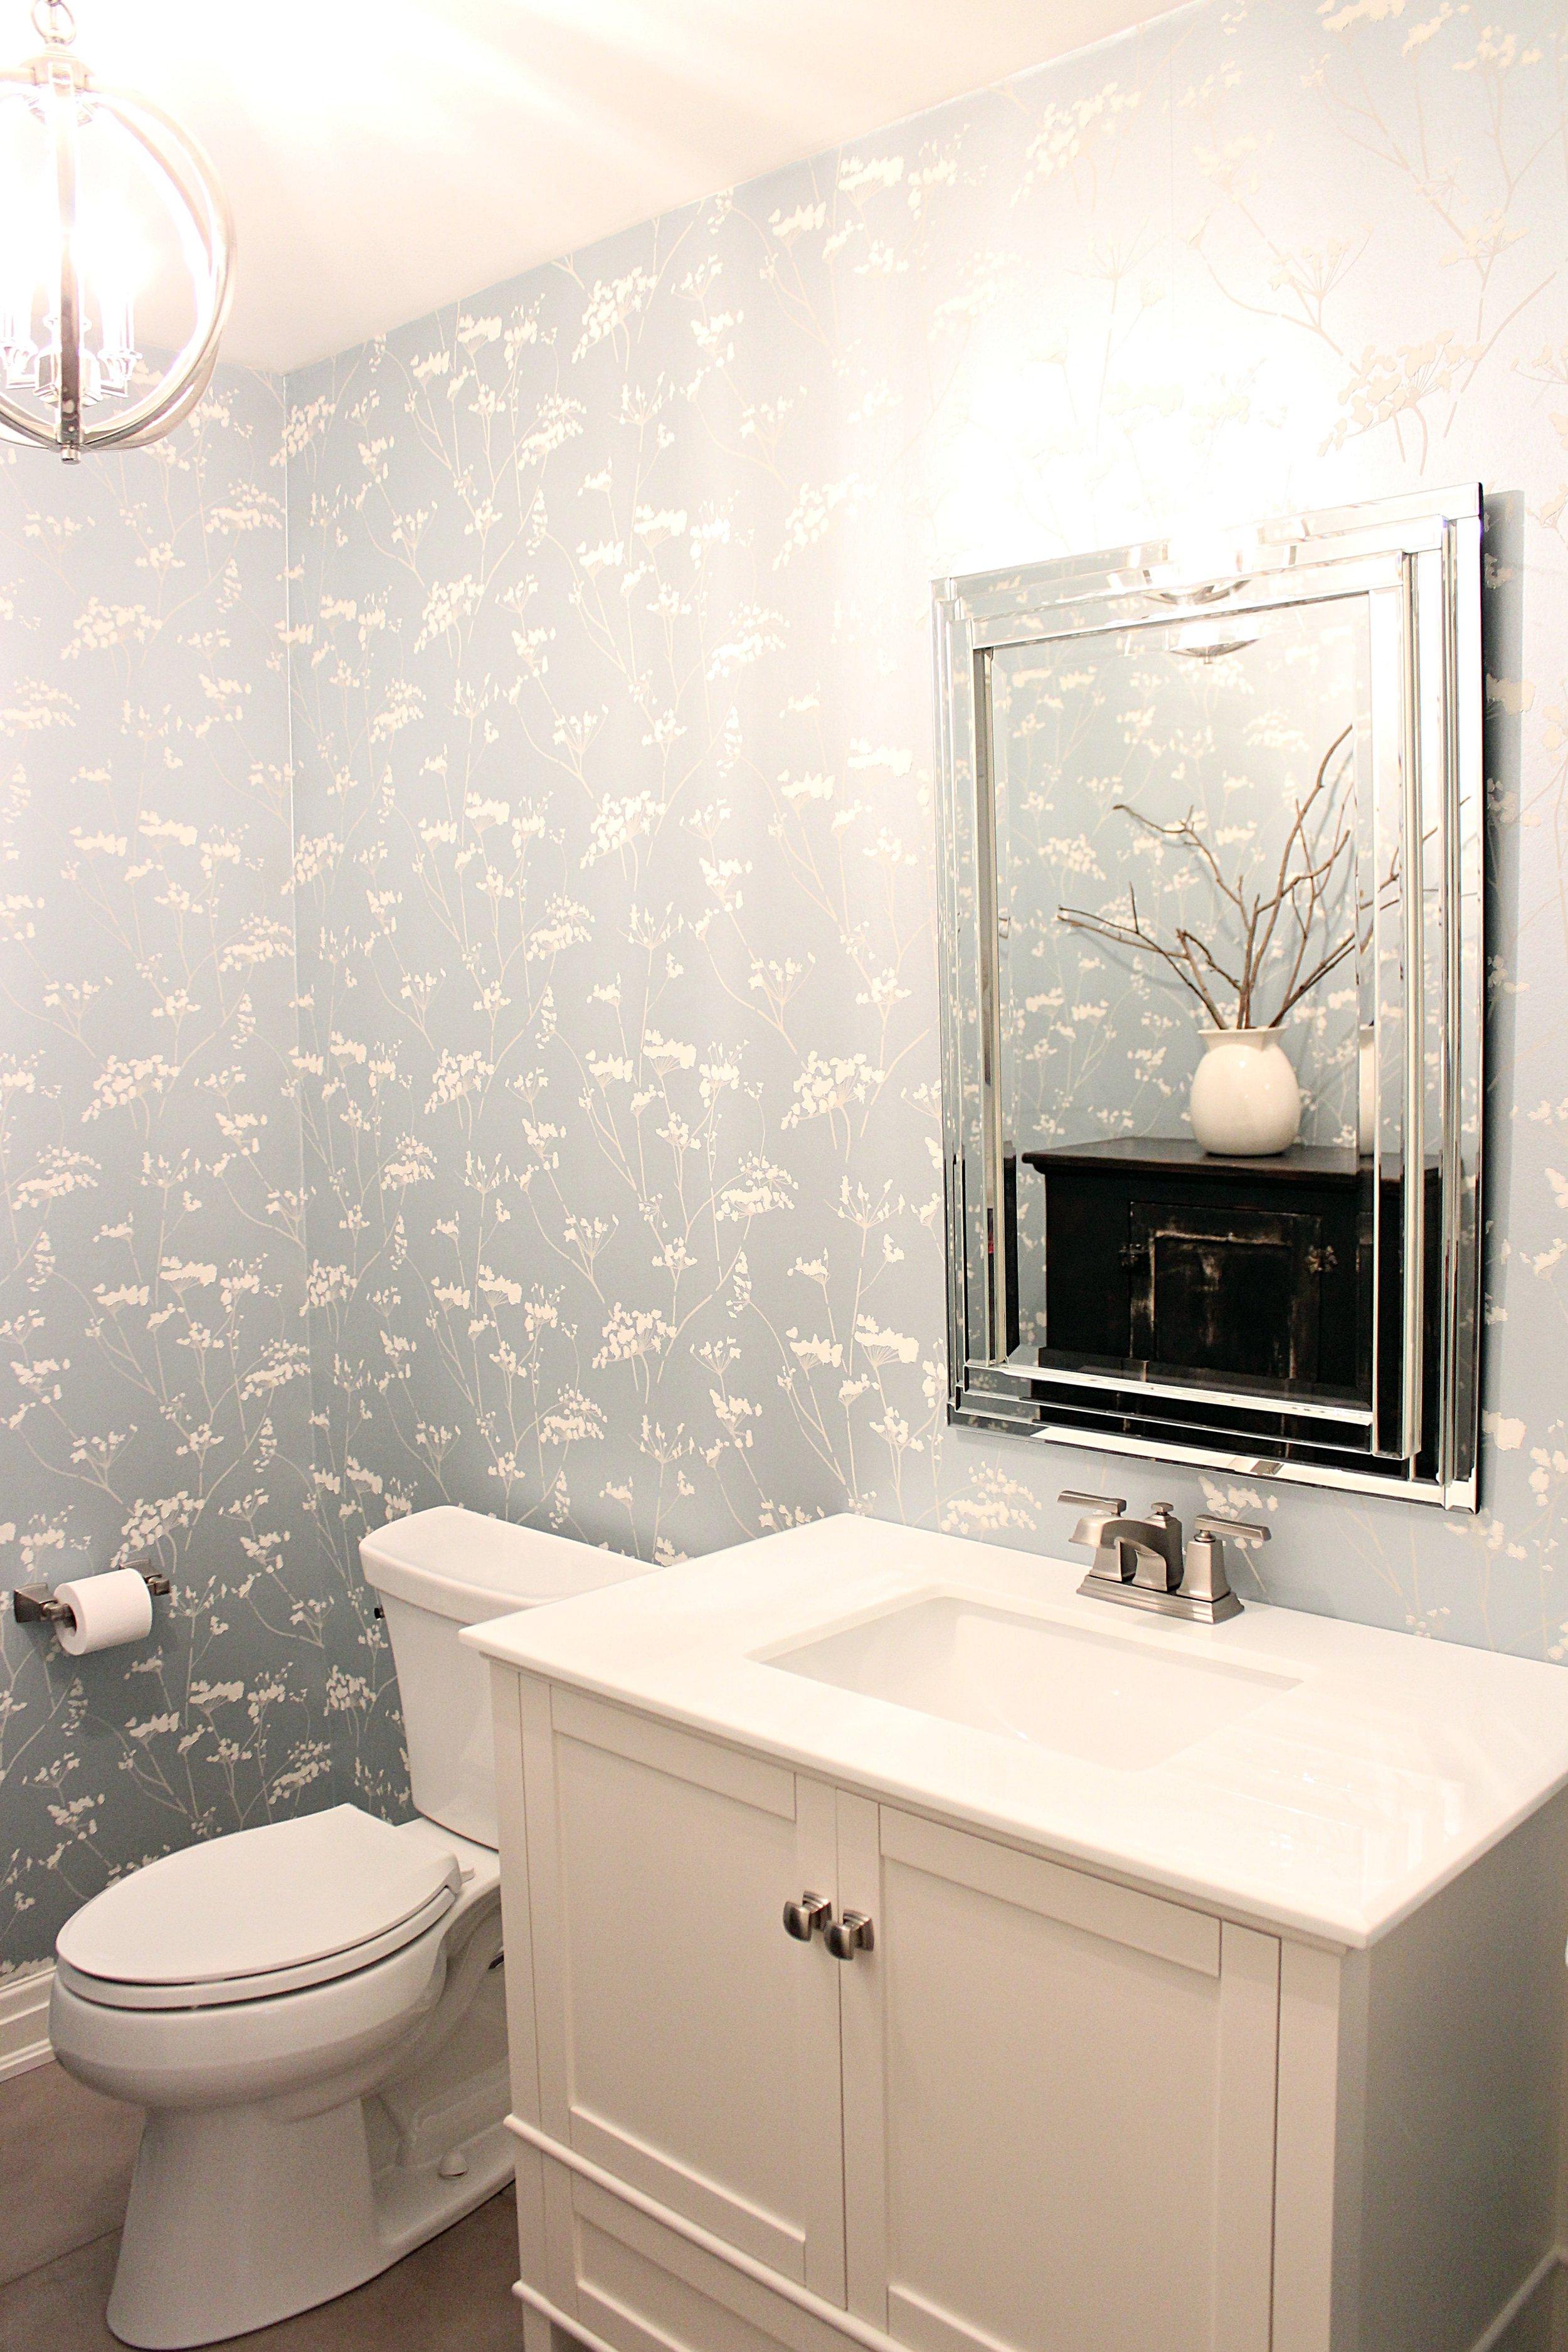 kmsd escarpment family home powder room